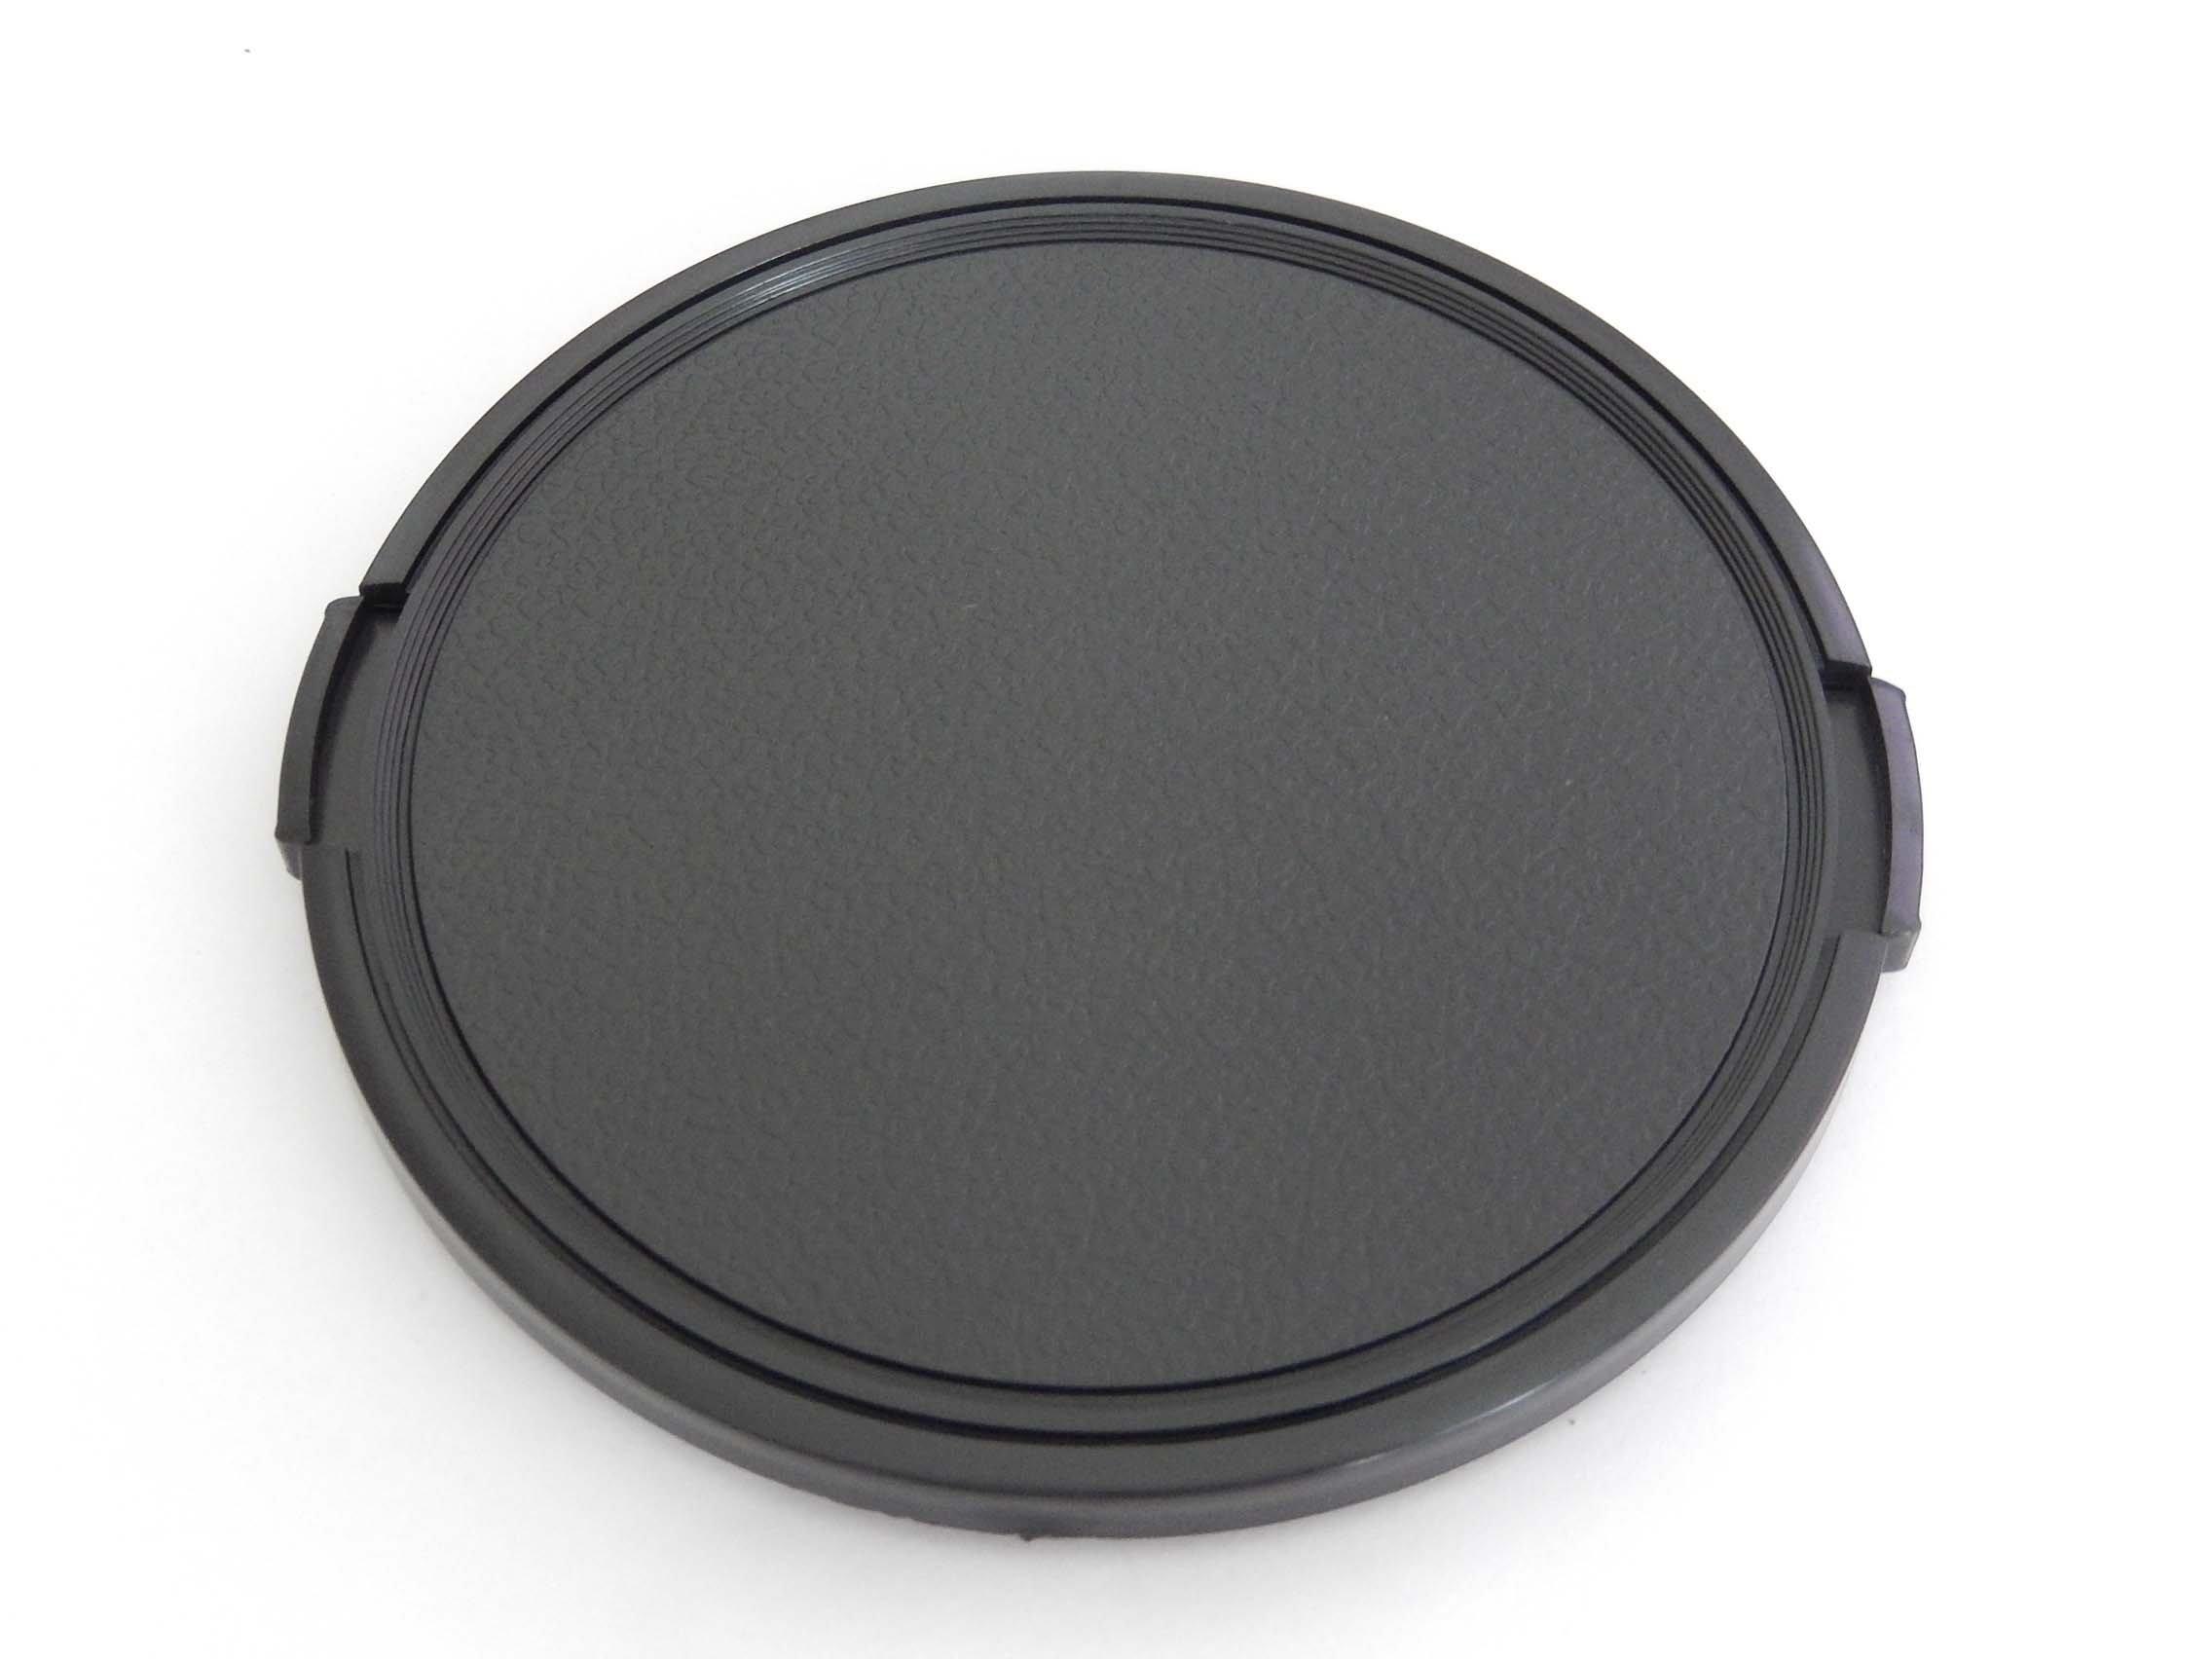 vhbw Copriobiettivo 86 mm per fotocamera Sigma 150-500 mm 5-6.3 DG OS APO HSM.